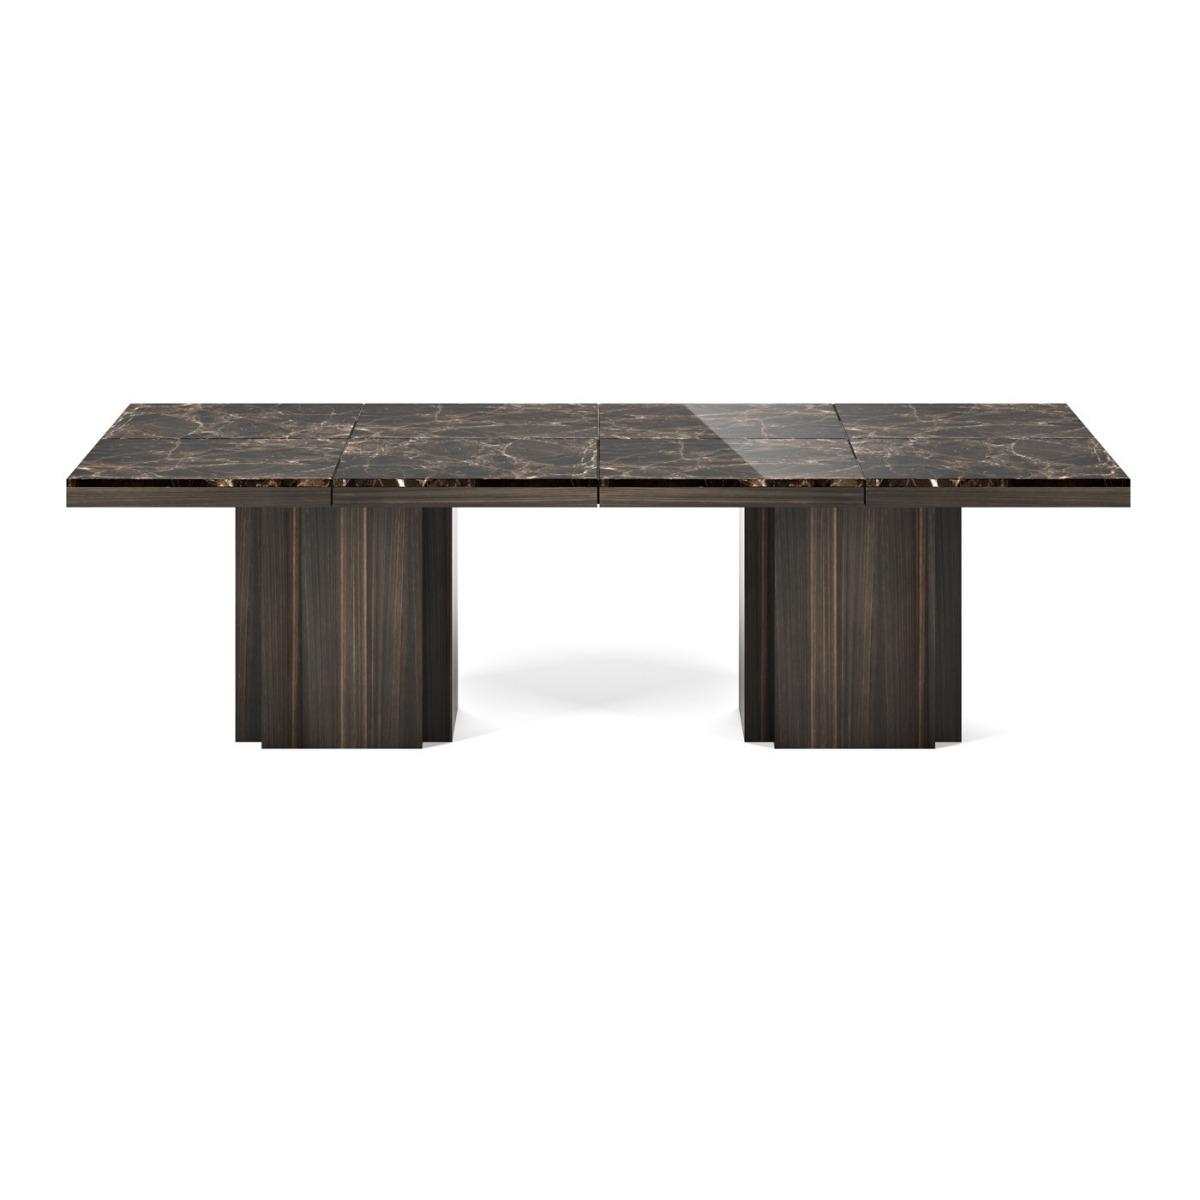 Mesa rectangular de marmol - Mesa de comedor cuadrada con tope de marmol.